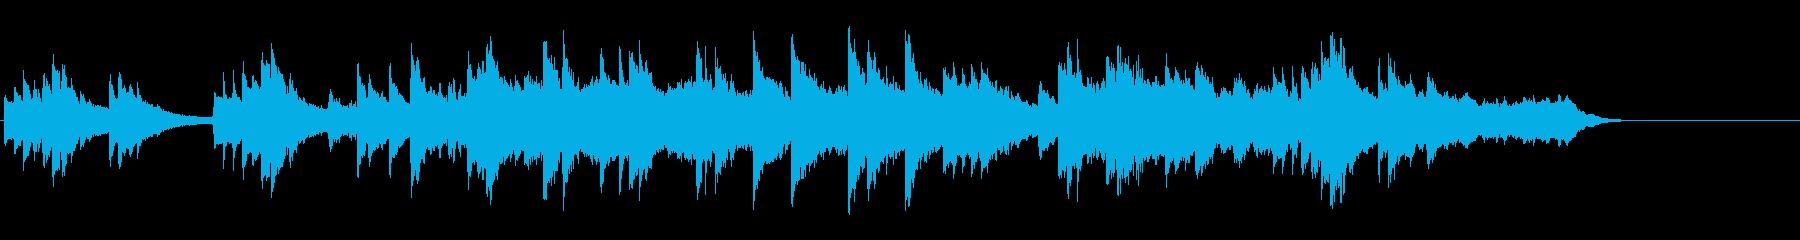 重たいテーマ曲風バラードの再生済みの波形